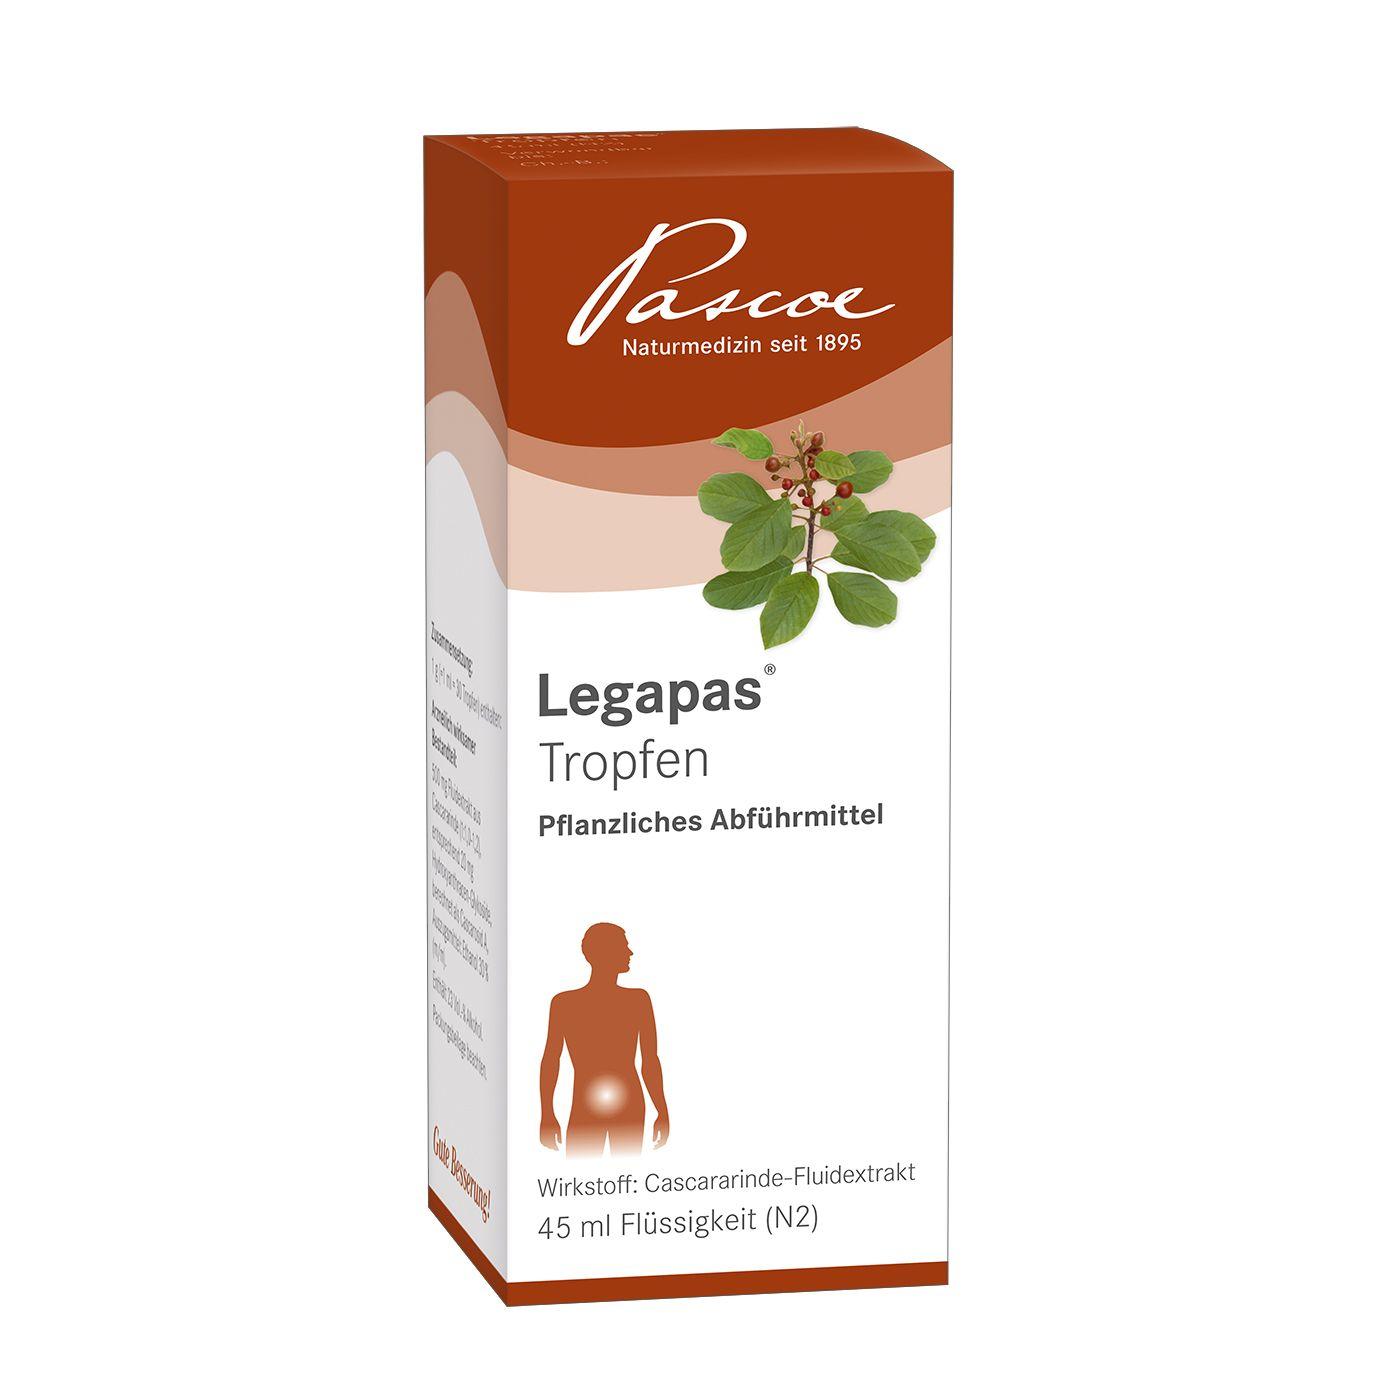 Legapas 45 ml Tropfen Packshot PZN 01516674